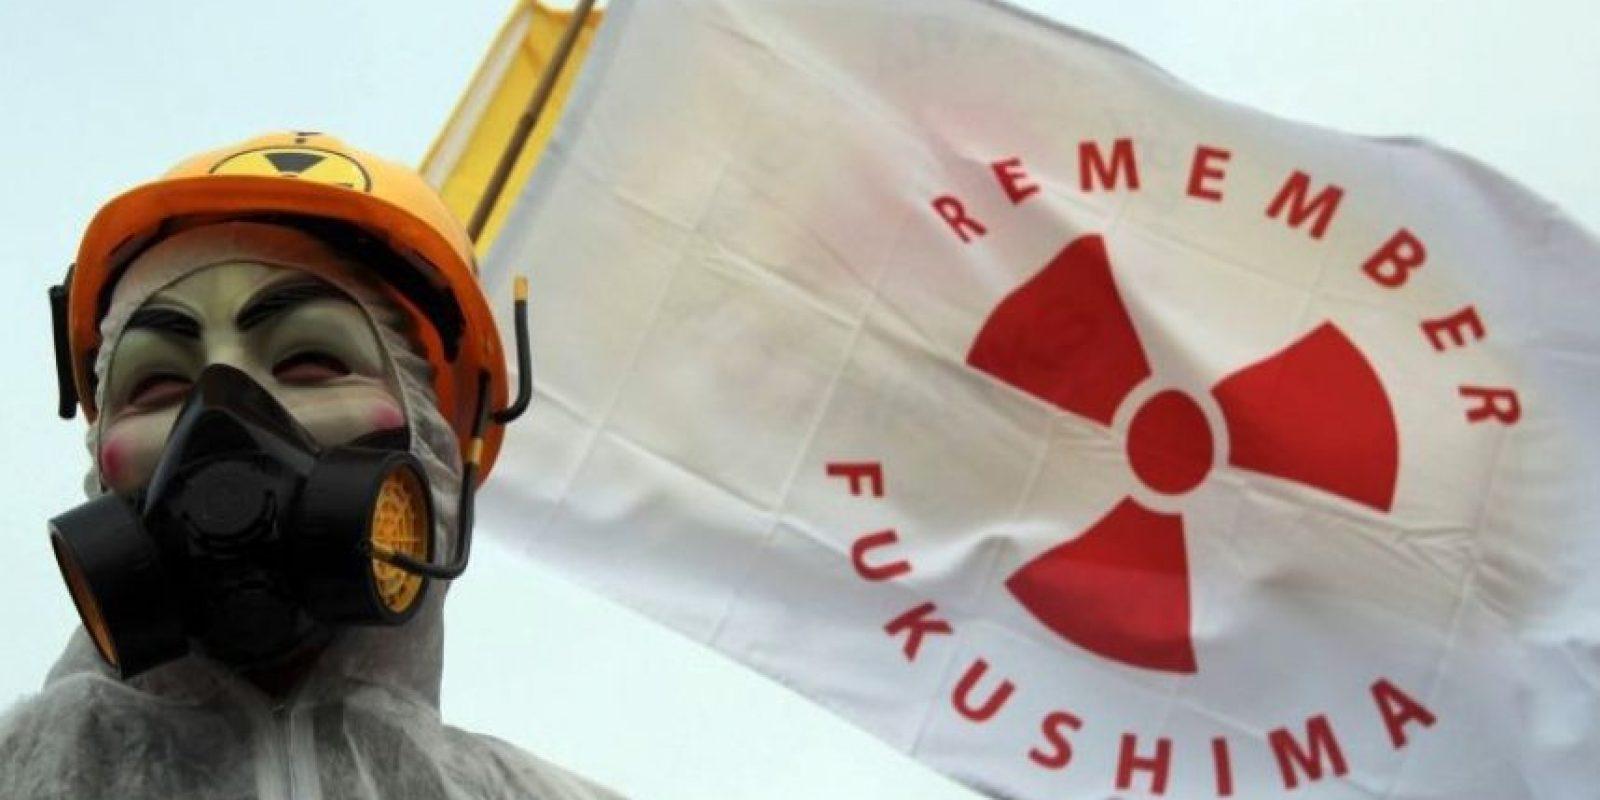 Se declaró estado de emergencia en la central nuclear de Fukushima por una falla en los sistemas de refrigeración de los reactores Foto:Getty Images